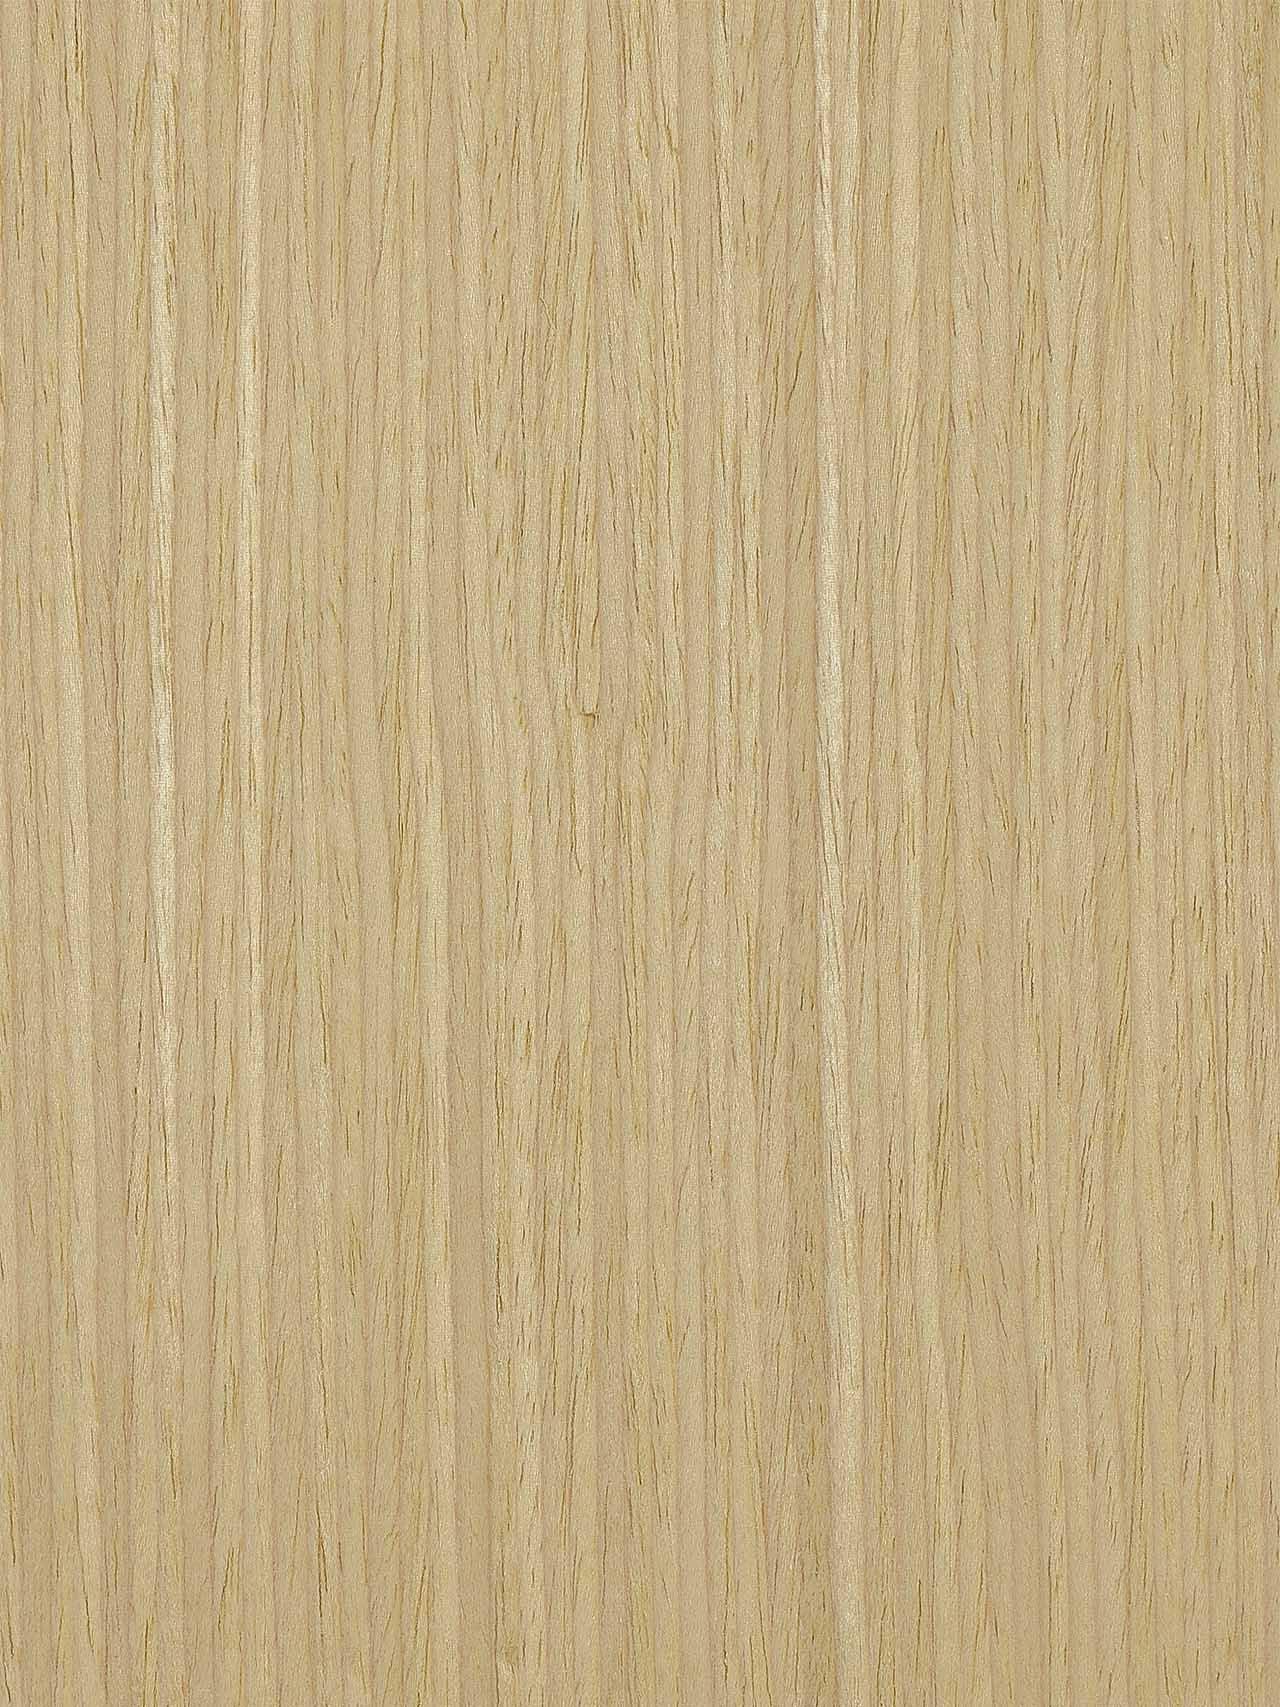 Panel Chapa Roble Prefabricado 533x3 Losán